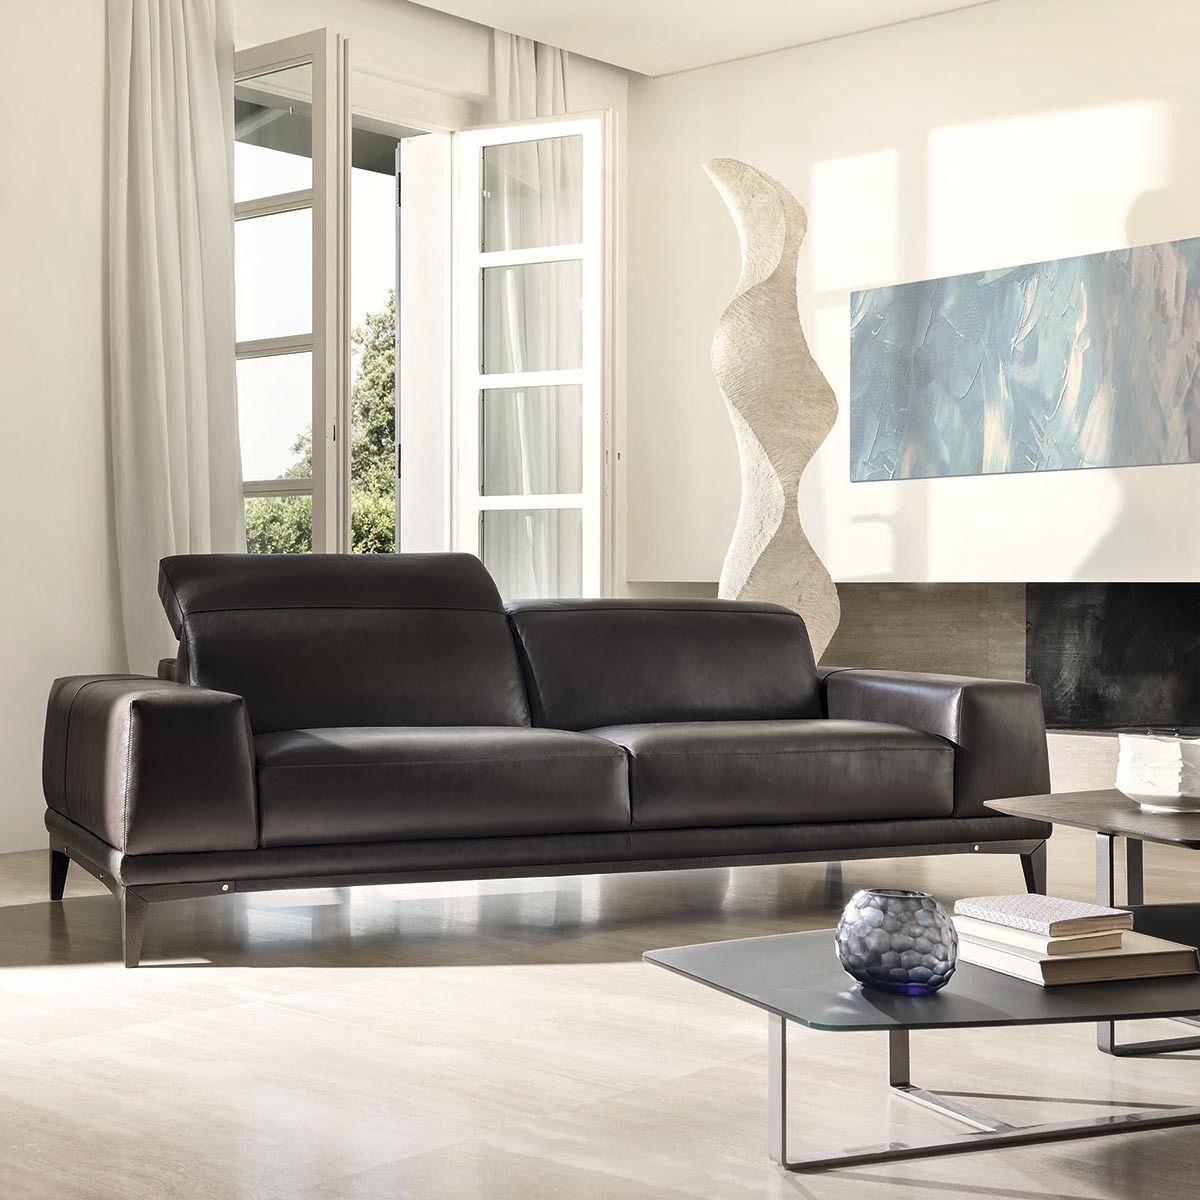 Sofa De Piel De 3 Plazas Natuzzi Borghese Marron Chocolate Decoraciones De Casa Muebles Muebles Frescos